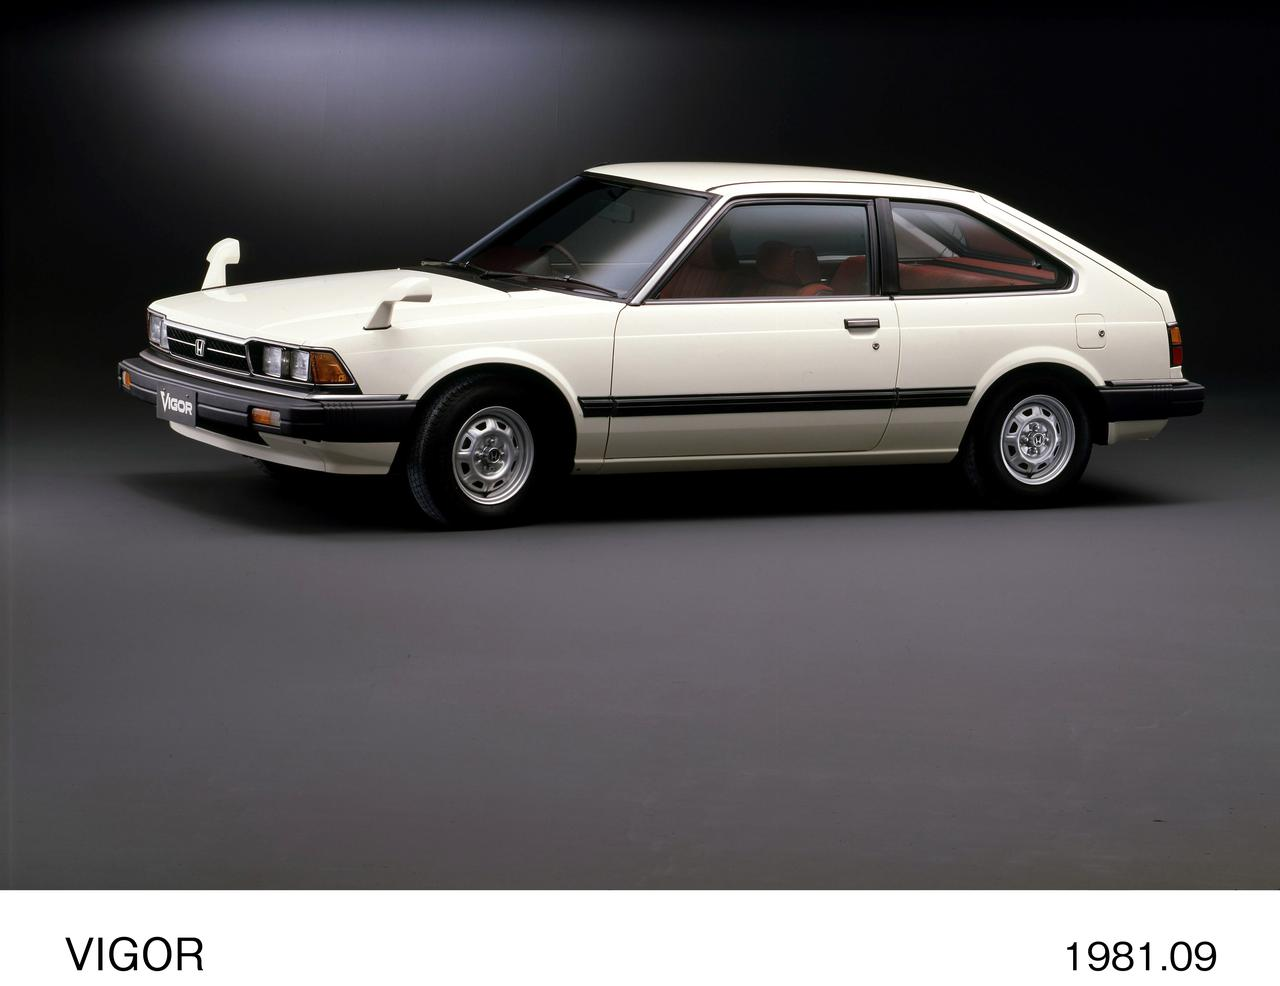 Images : 2番目の画像 - すべての画像を見る(クリックして拡大) - A Little Honda   ア・リトル・ホンダ(リトホン)